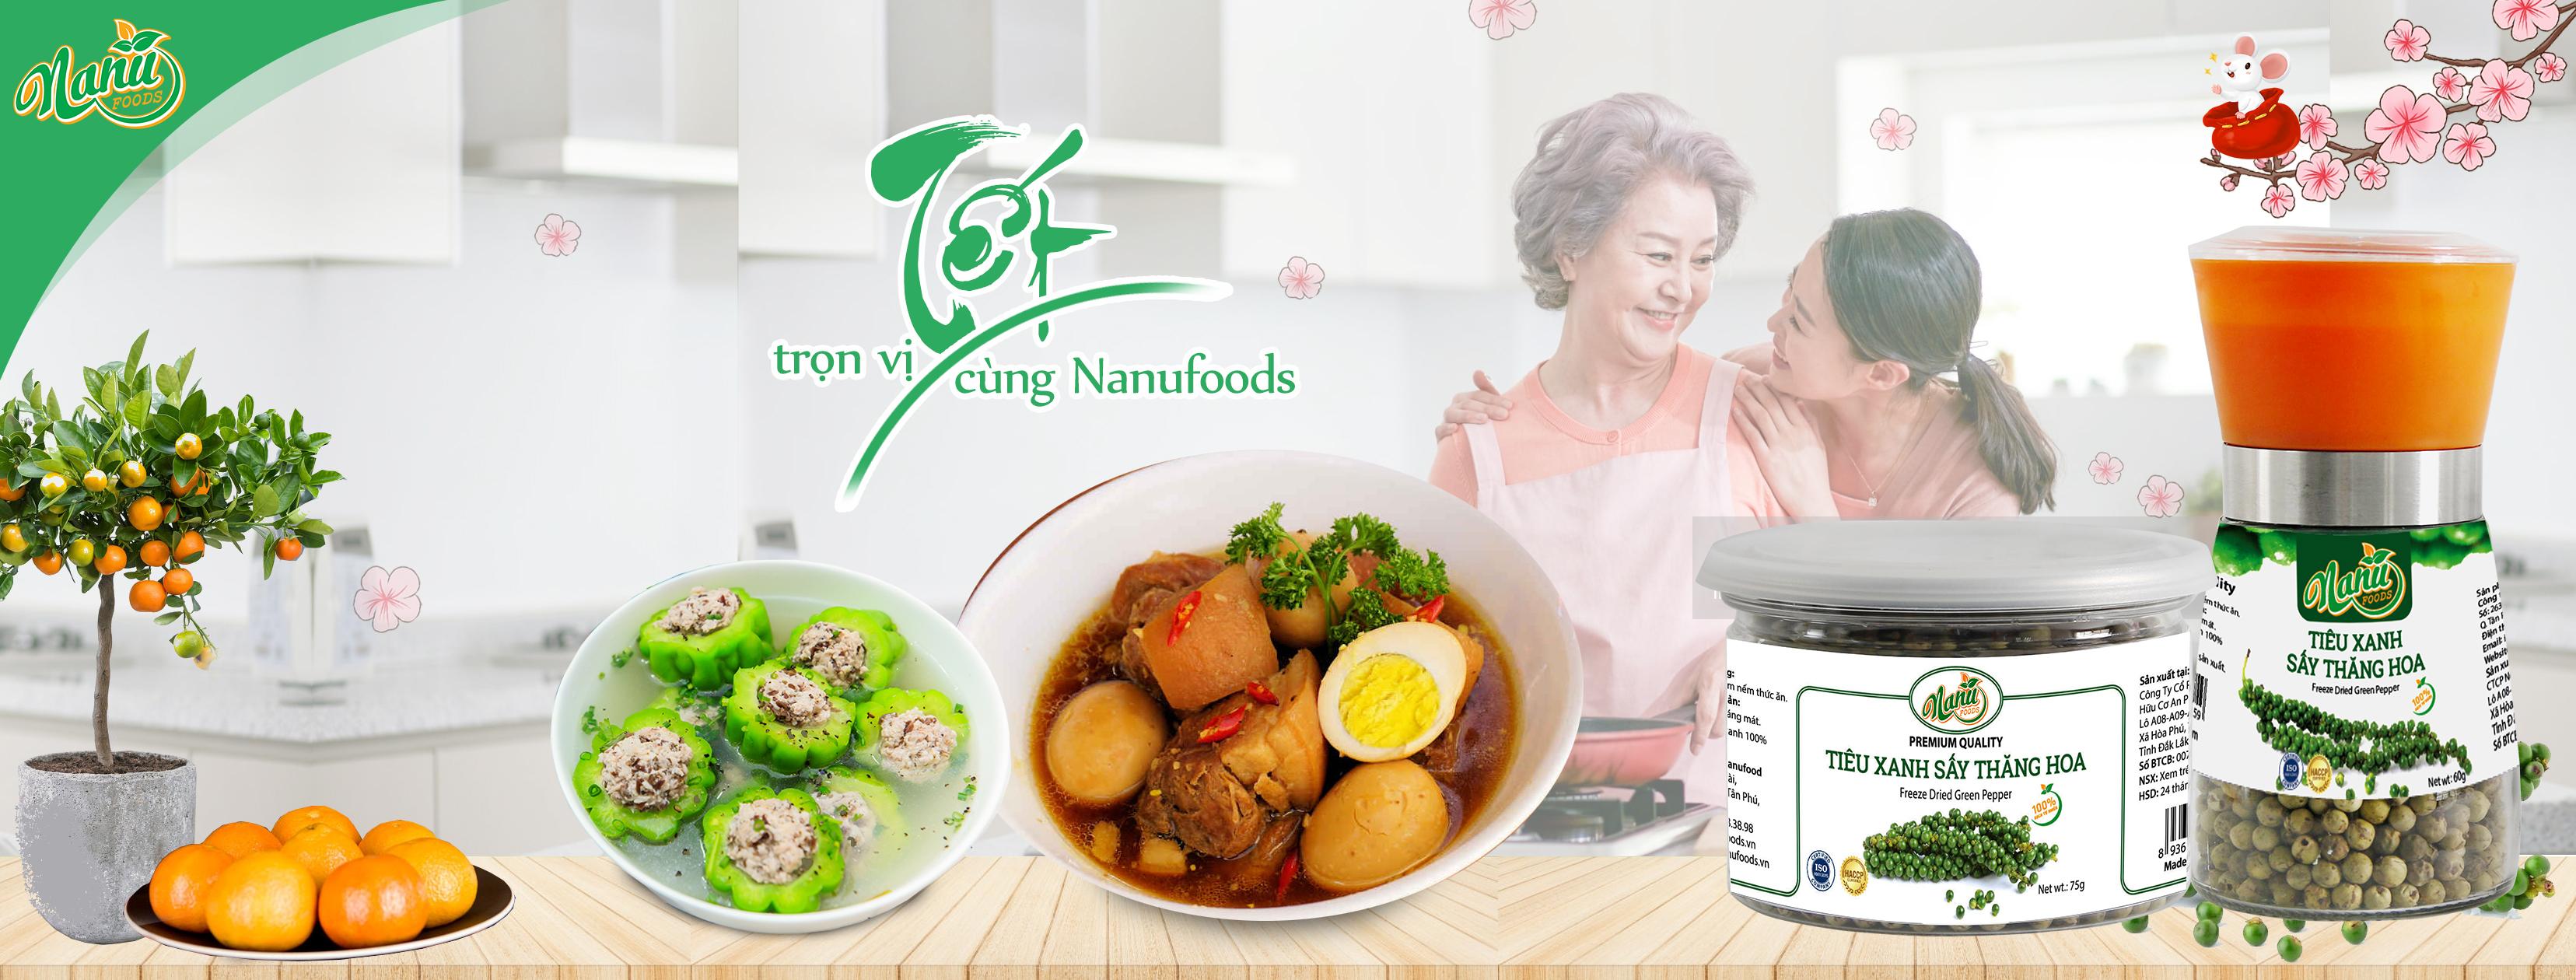 Bánh kẹo Tết Nanufood